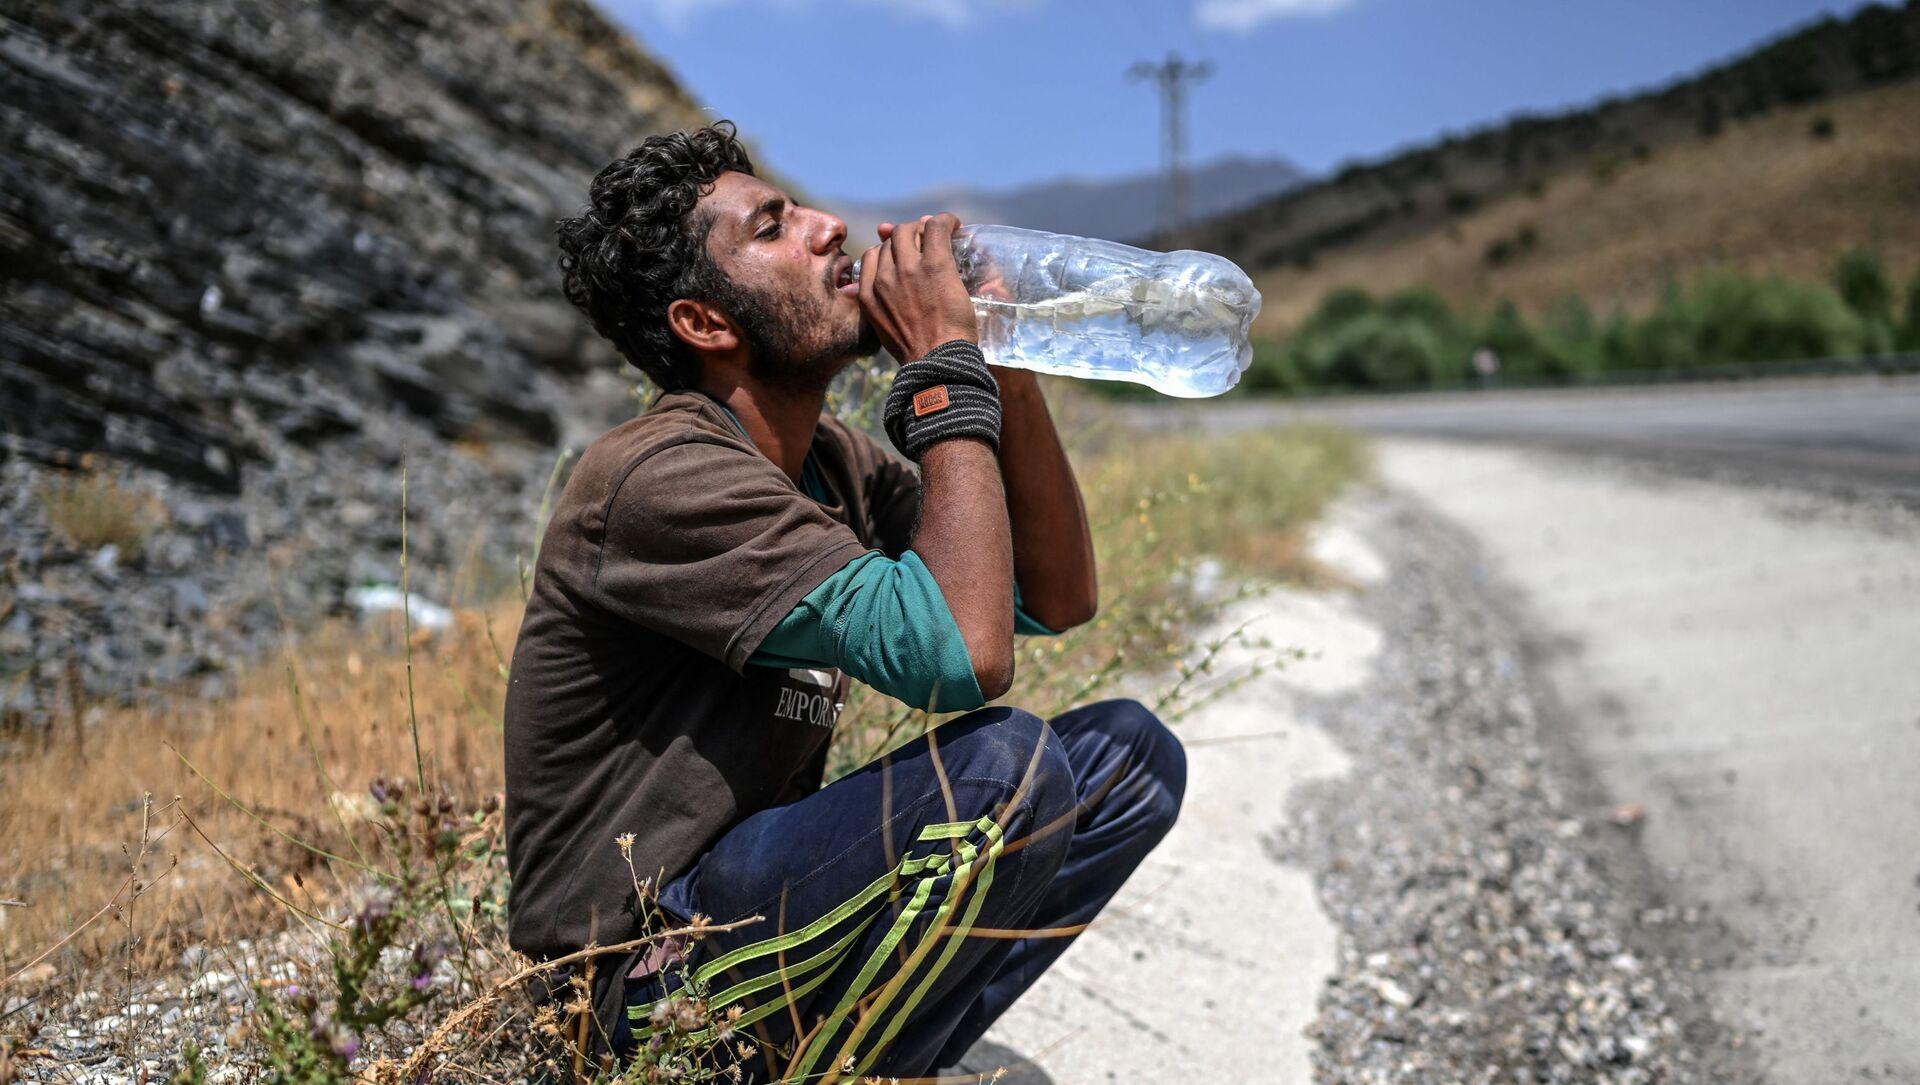 Афганский мигрант пьет воду в Татване - Sputnik Азербайджан, 1920, 23.08.2021